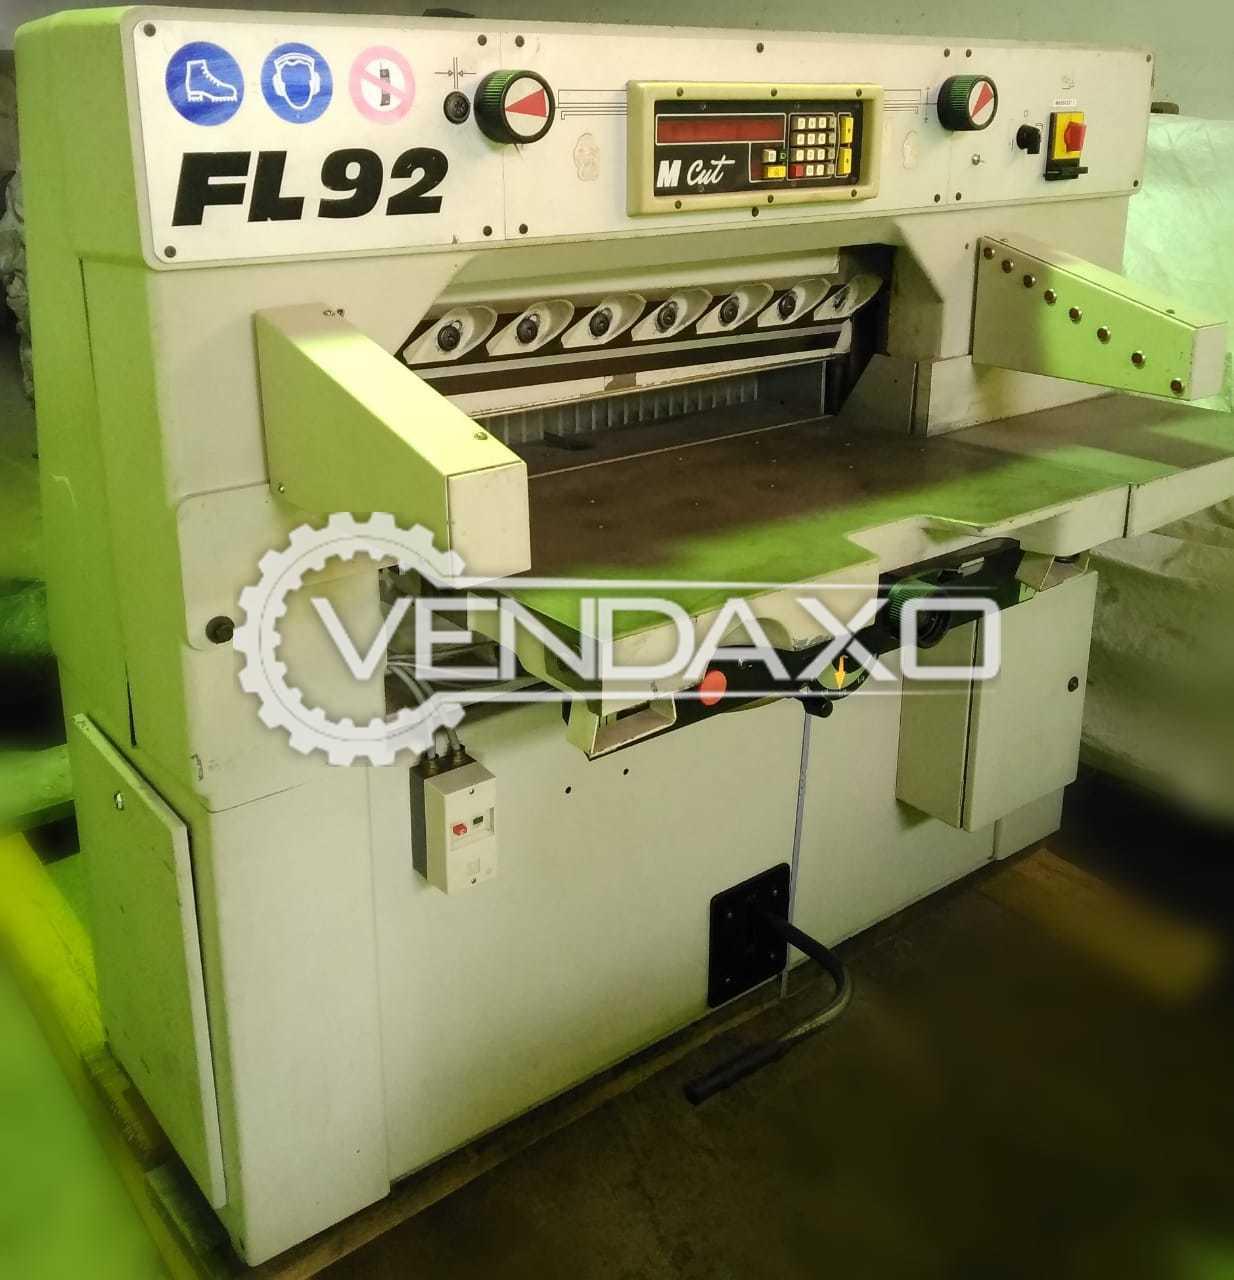 FL 92 Paper Cutting Machine - 36 Inch